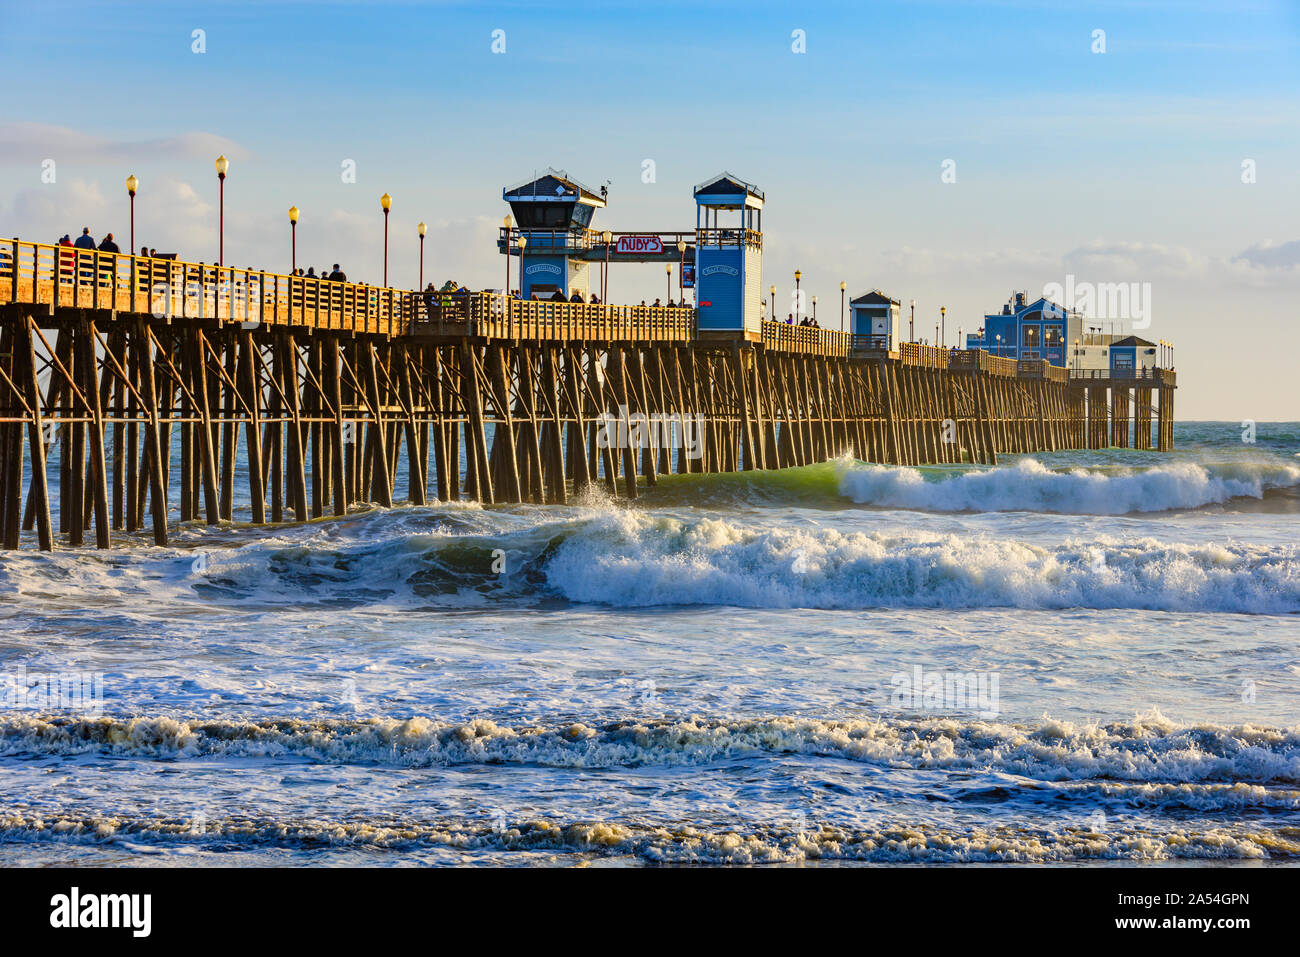 Oceanside Pier, el sur de California, Estados Unidos. Foto de stock